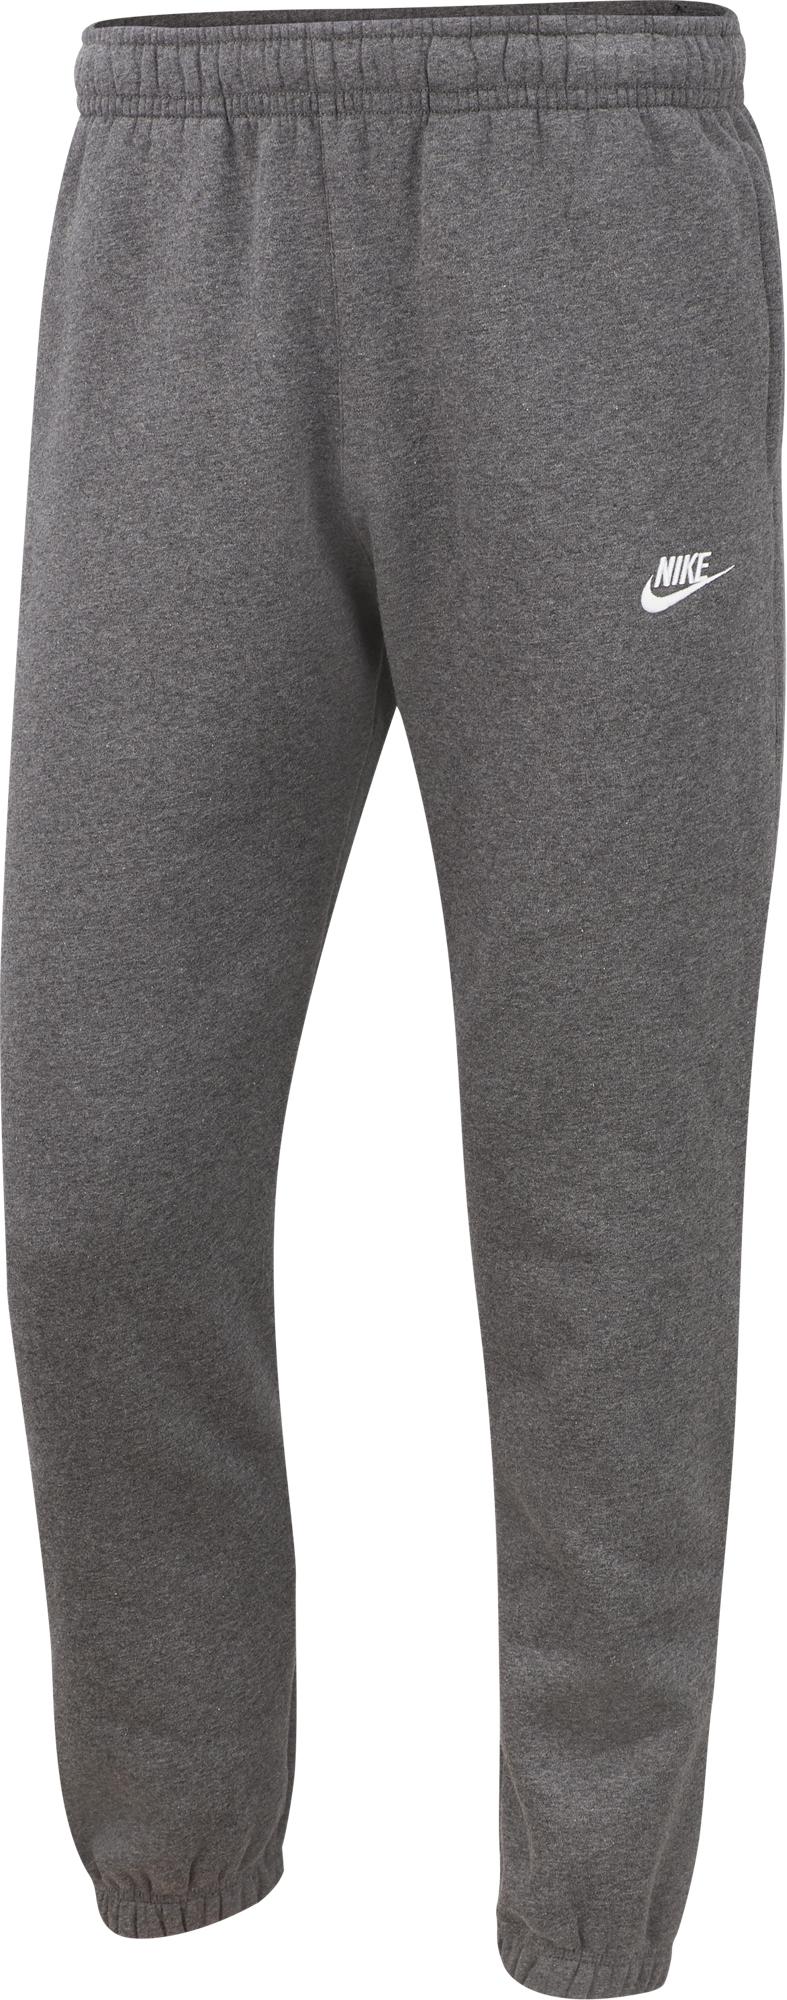 Фото - Nike Брюки мужские Nike Sportswear Club Fleece, размер 50-52 nike шорты мужские nike sportswear club размер 44 46